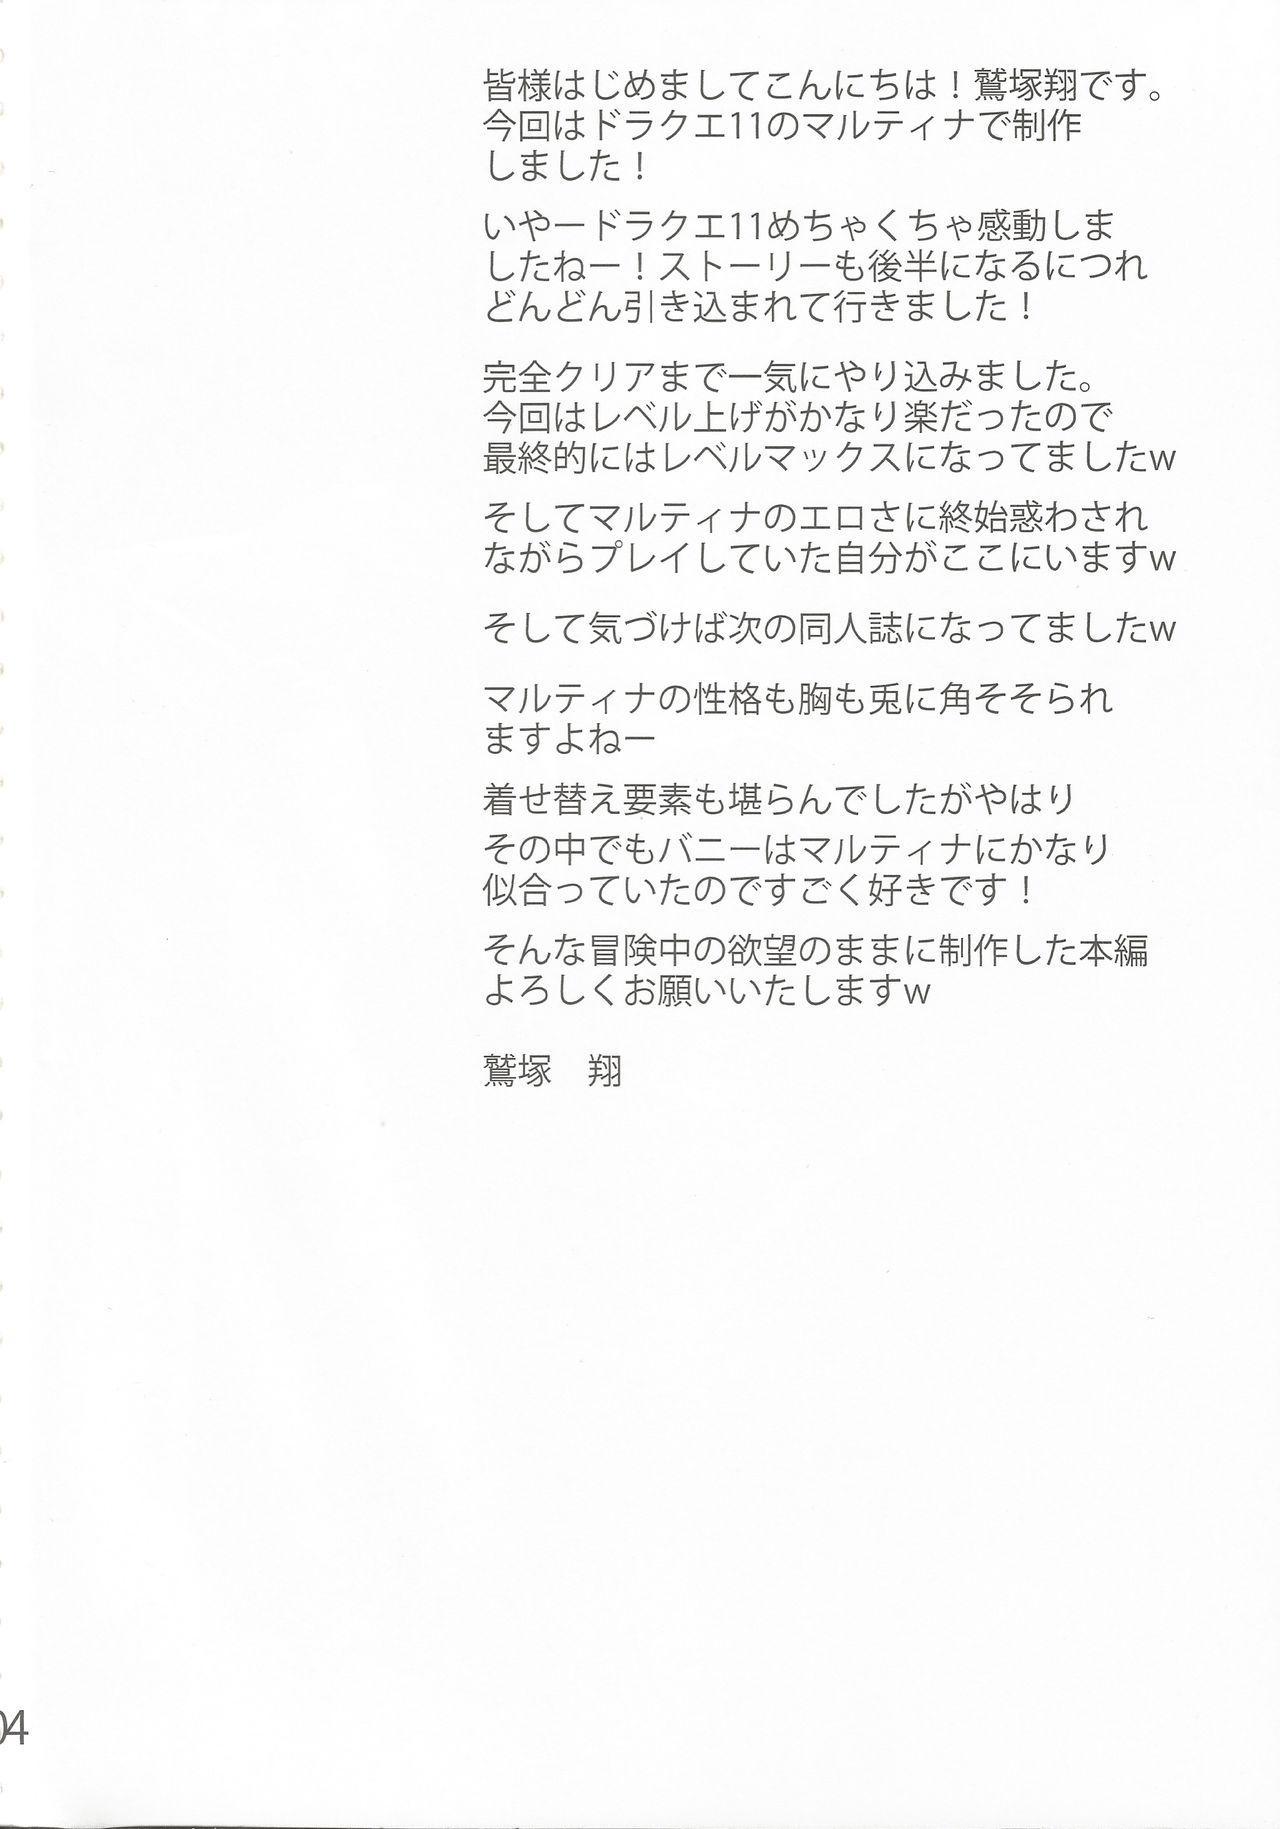 Hatsujou no Martina ga Arawareta! 2